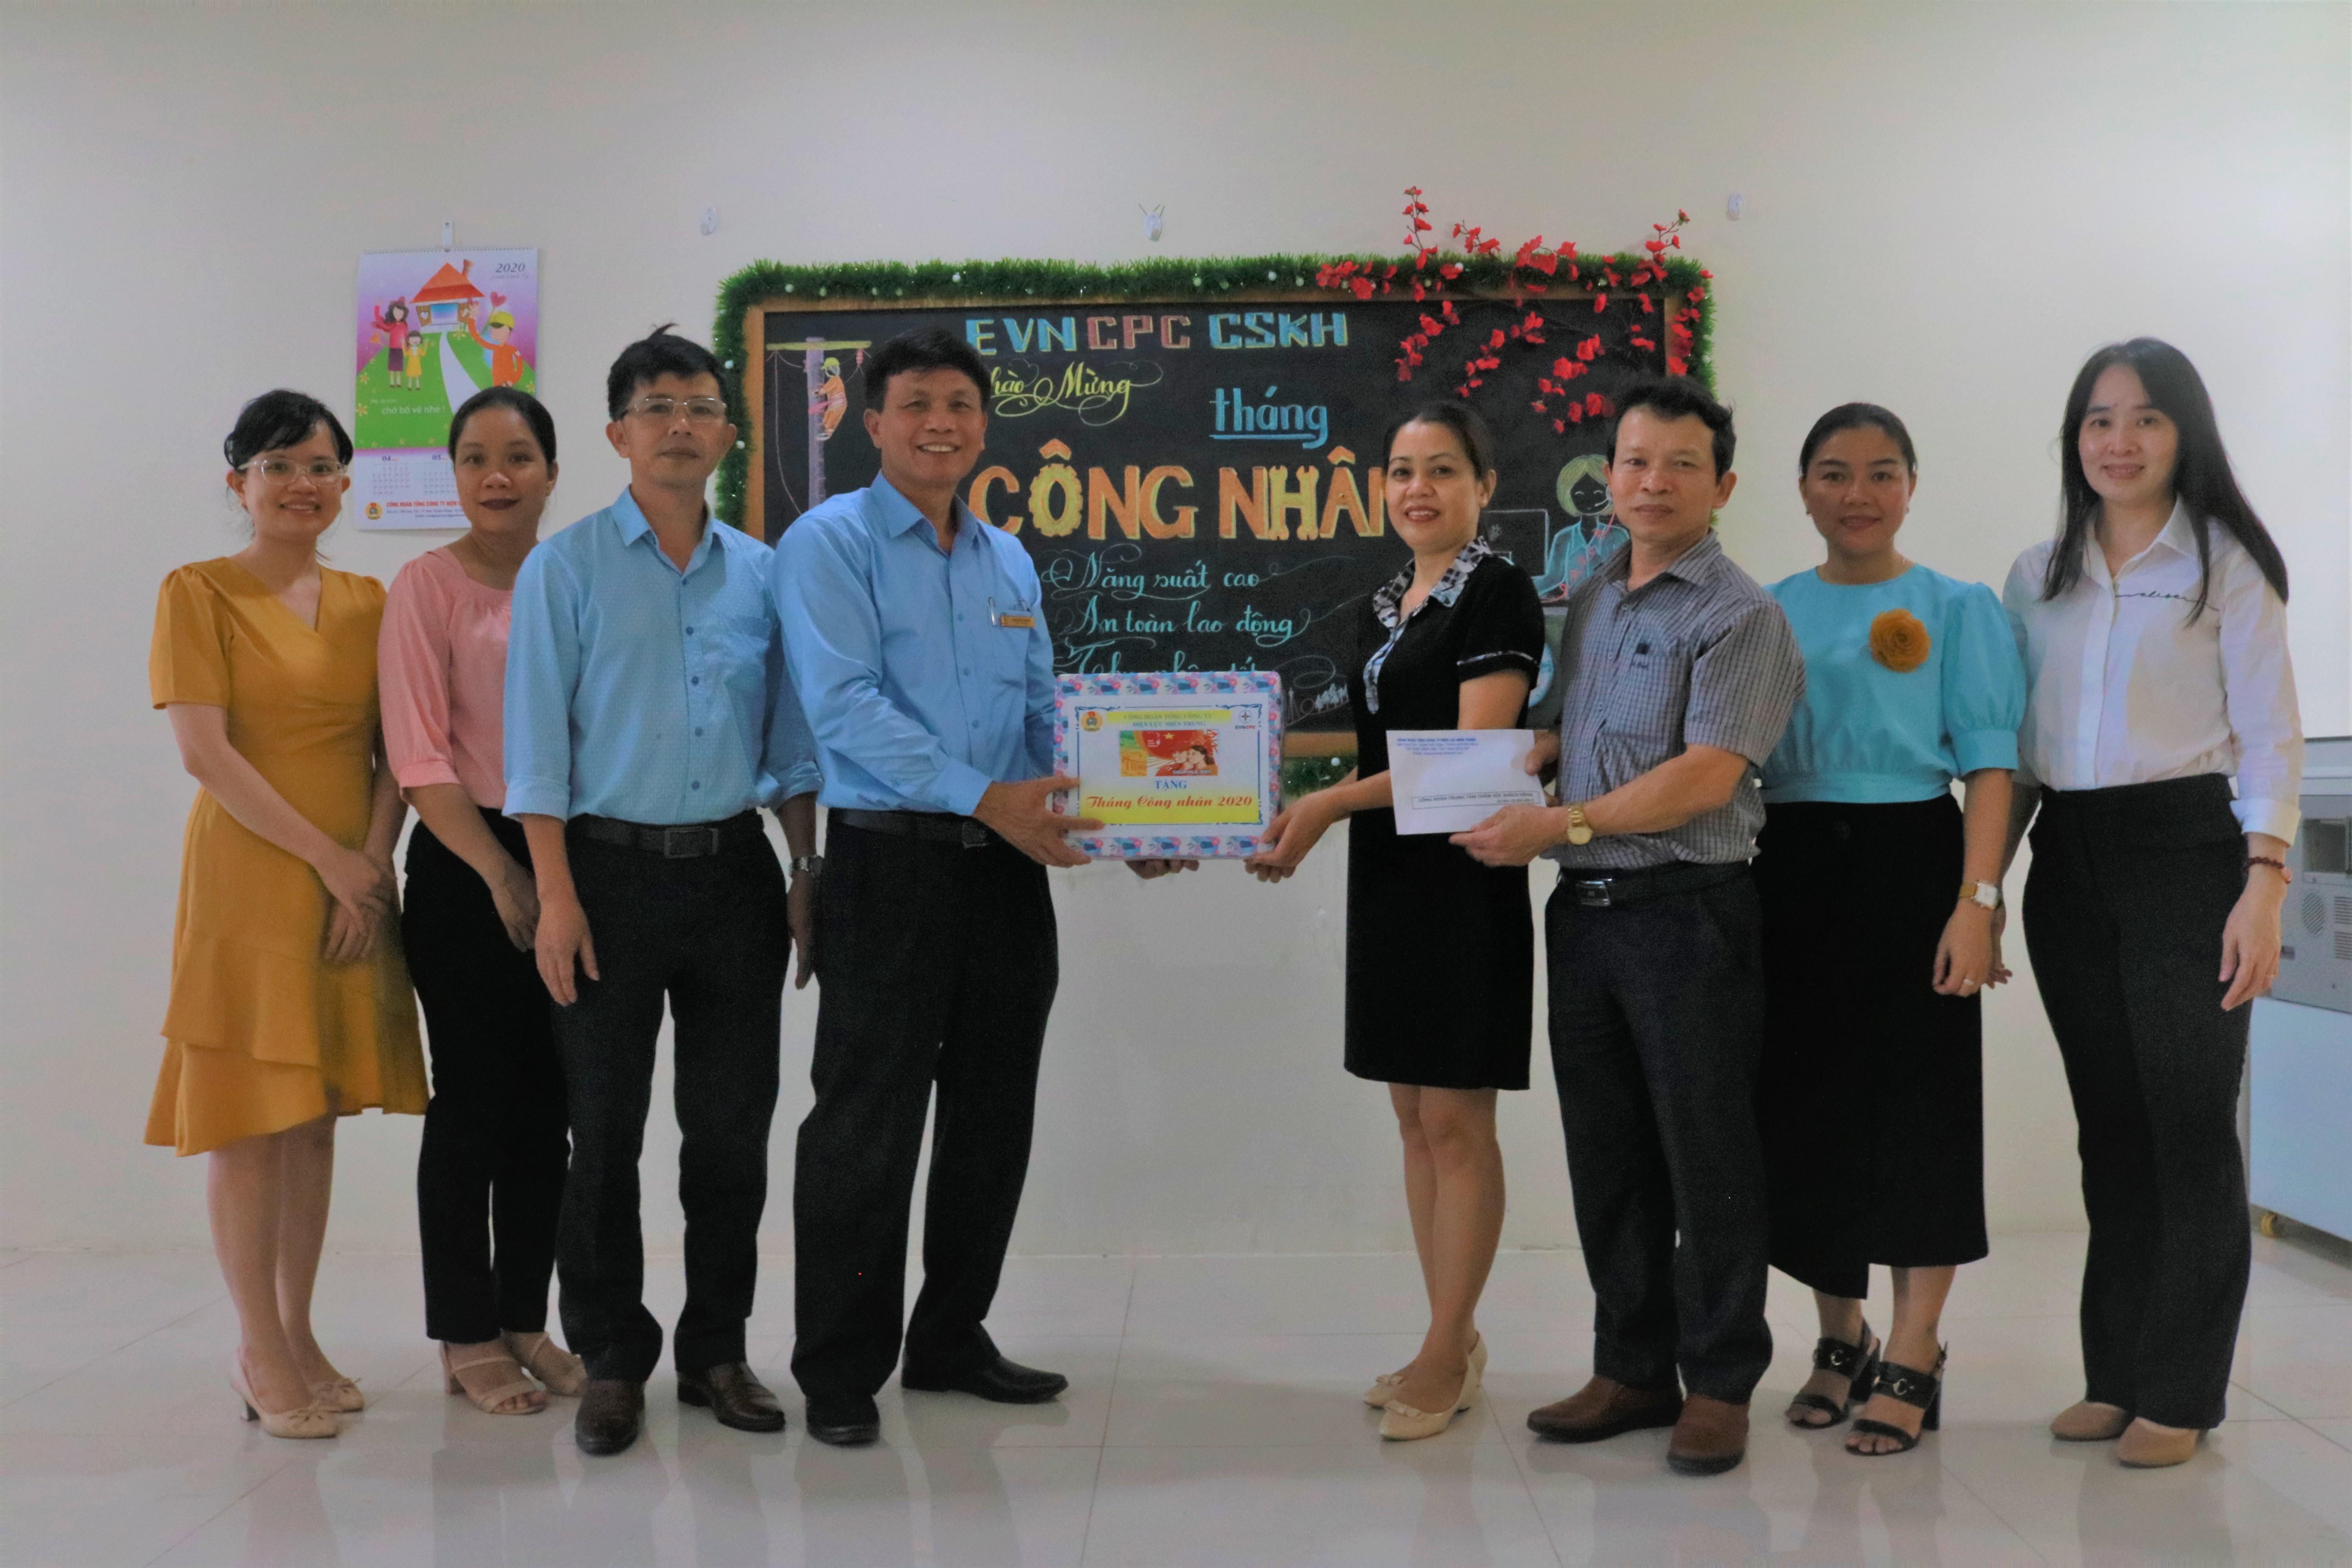 Công đoàn EVNCPC thăm hỏi, tặng quà CNVC-LĐ Trung tâm Chăm sóc khách hàng Điện lực miền Trung nhân Tháng Công nhân năm 2020